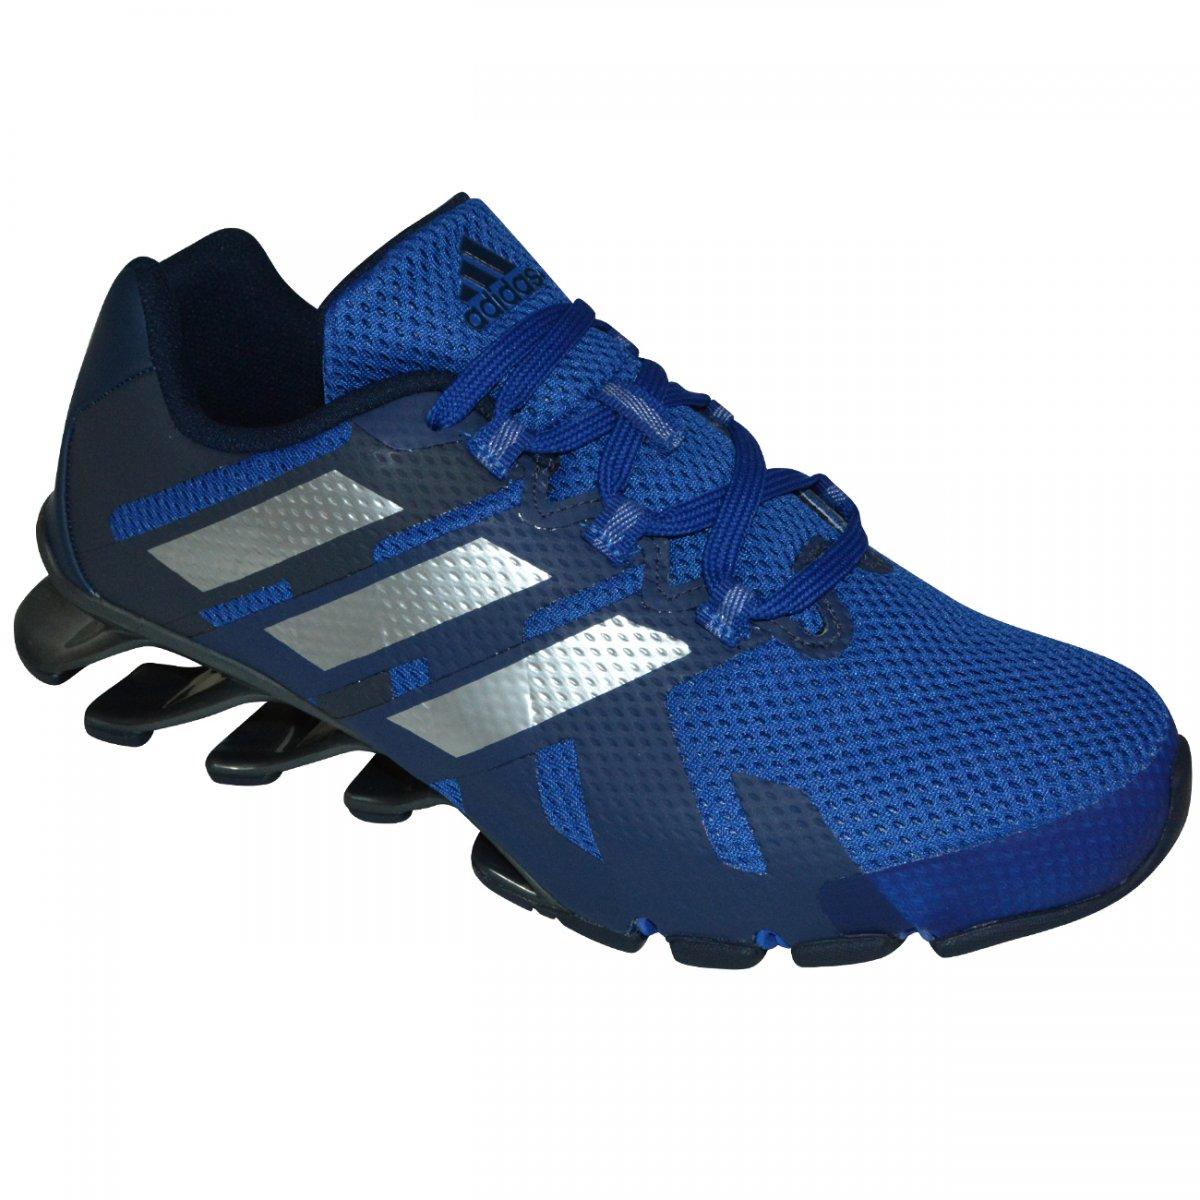 71b921a9a3 Tenis Adidas Springblade E-Force M B49424 - Azul Marinho Prata - Chuteira  Nike